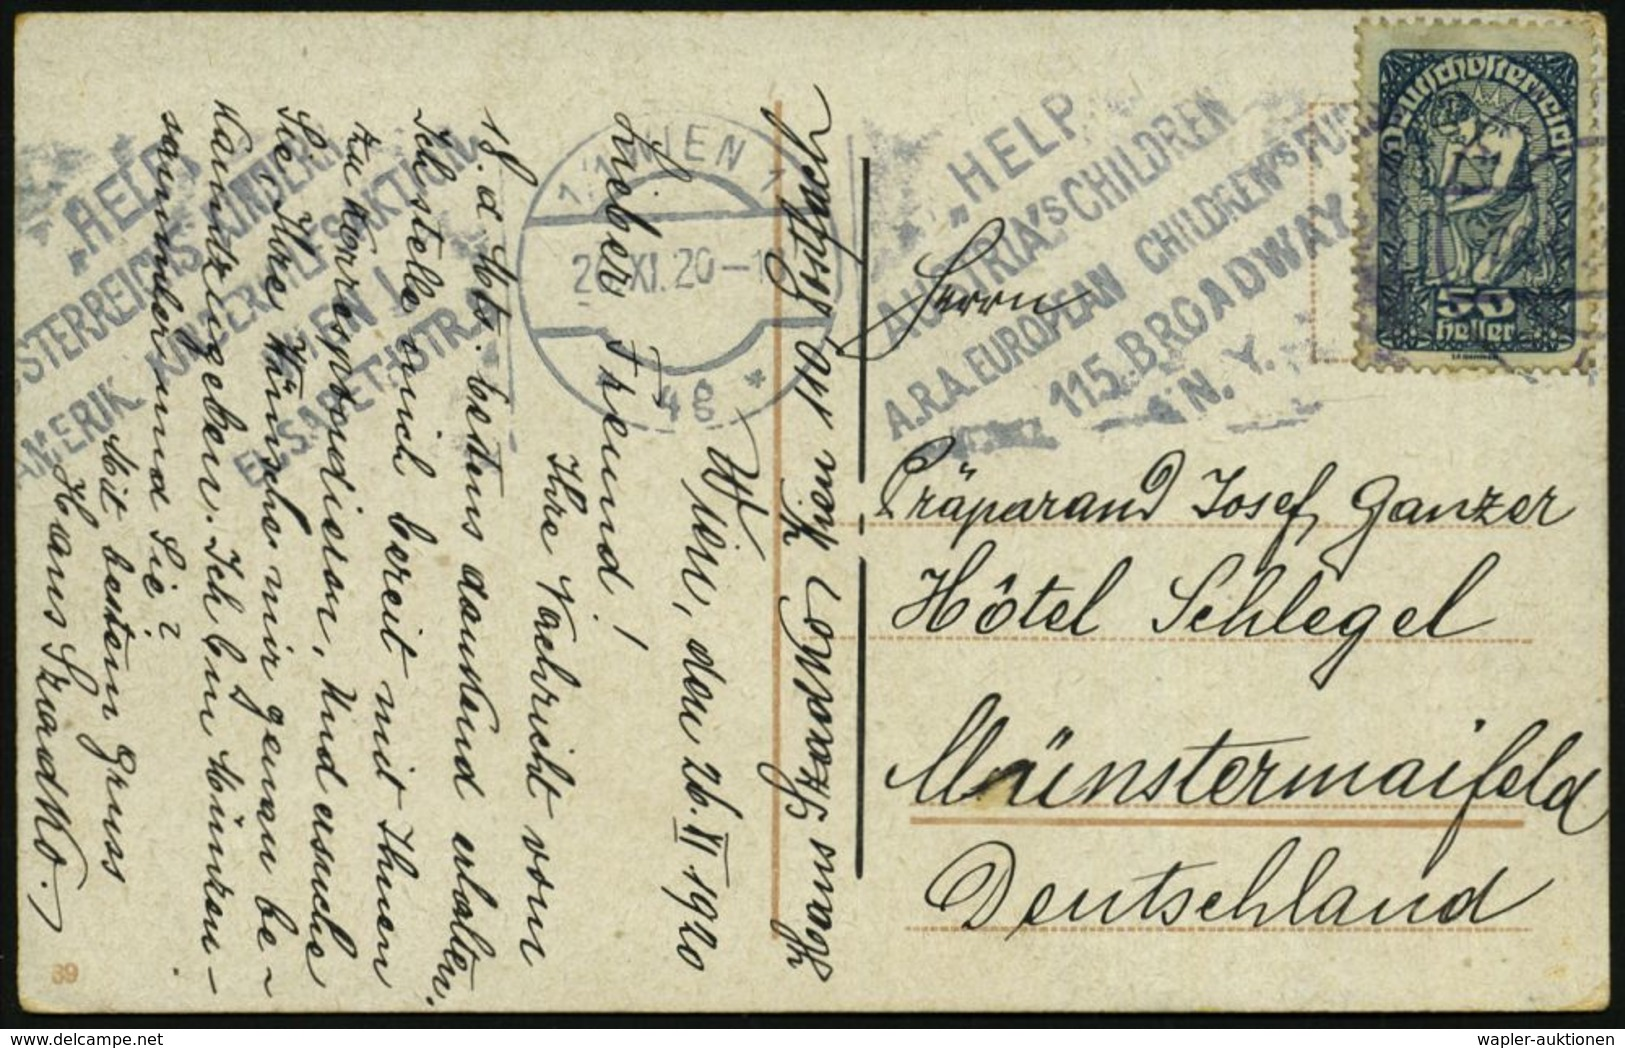 ÖSTERREICH 1920 (Dez.) BdMWSt: 1-1 WIEN 1/*4g*/HELP/AUSTRIA's CHILDREN/A.R.A. EUROPEAN CHILDREN FUND.. (Text Zweisprachi - UNICEF